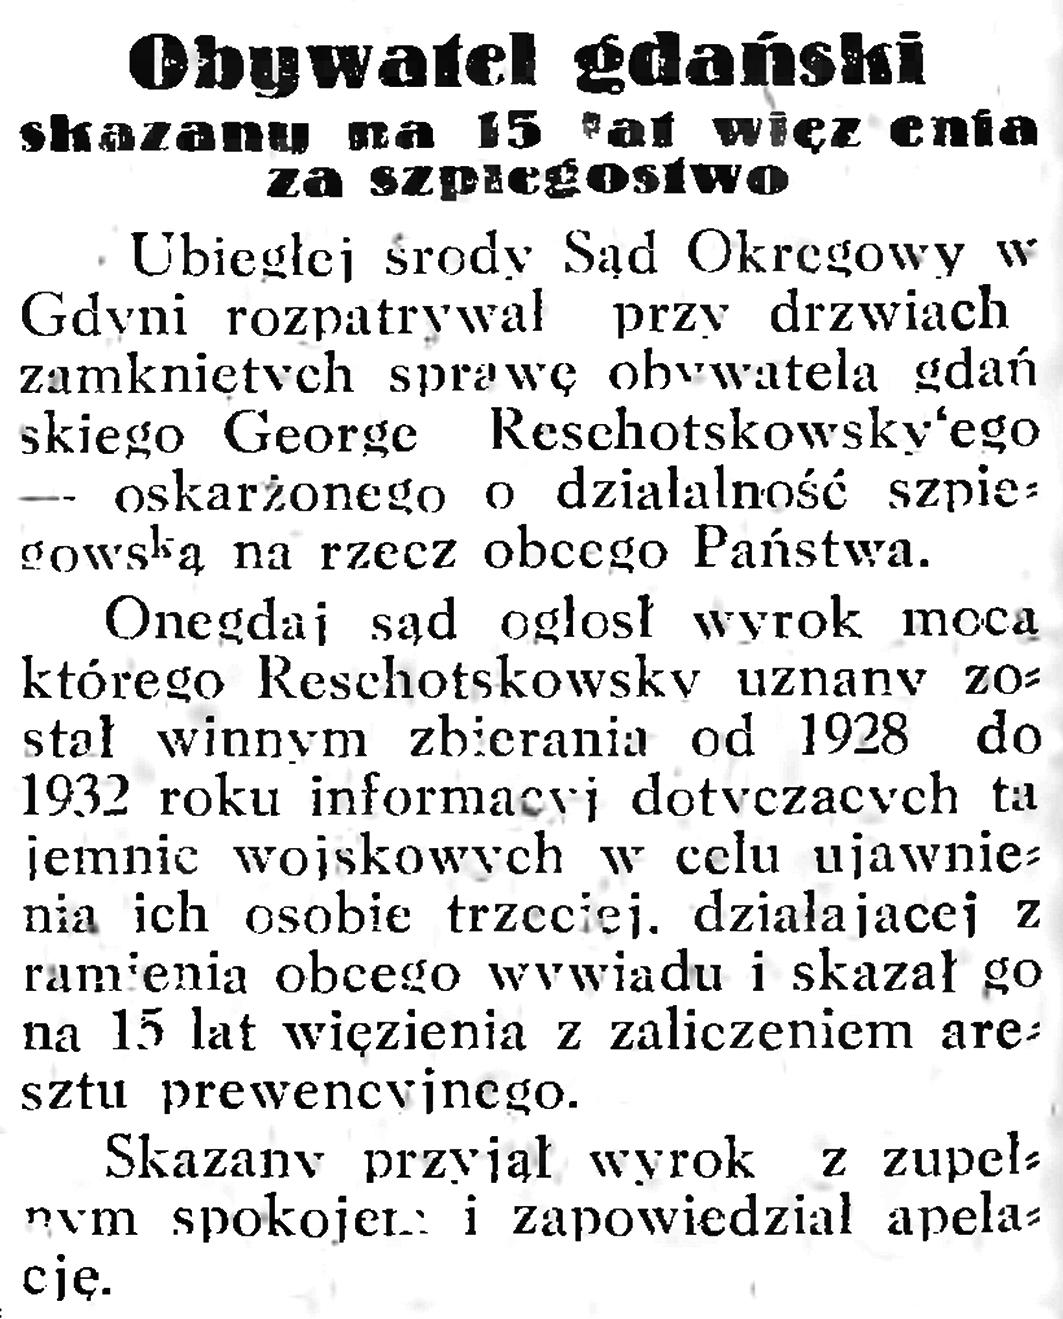 Obywatel gdański skazany na 15 lat więzienia za szpiegostwo // Gazeta Gdańska. - 1933, nr 6, s. 8